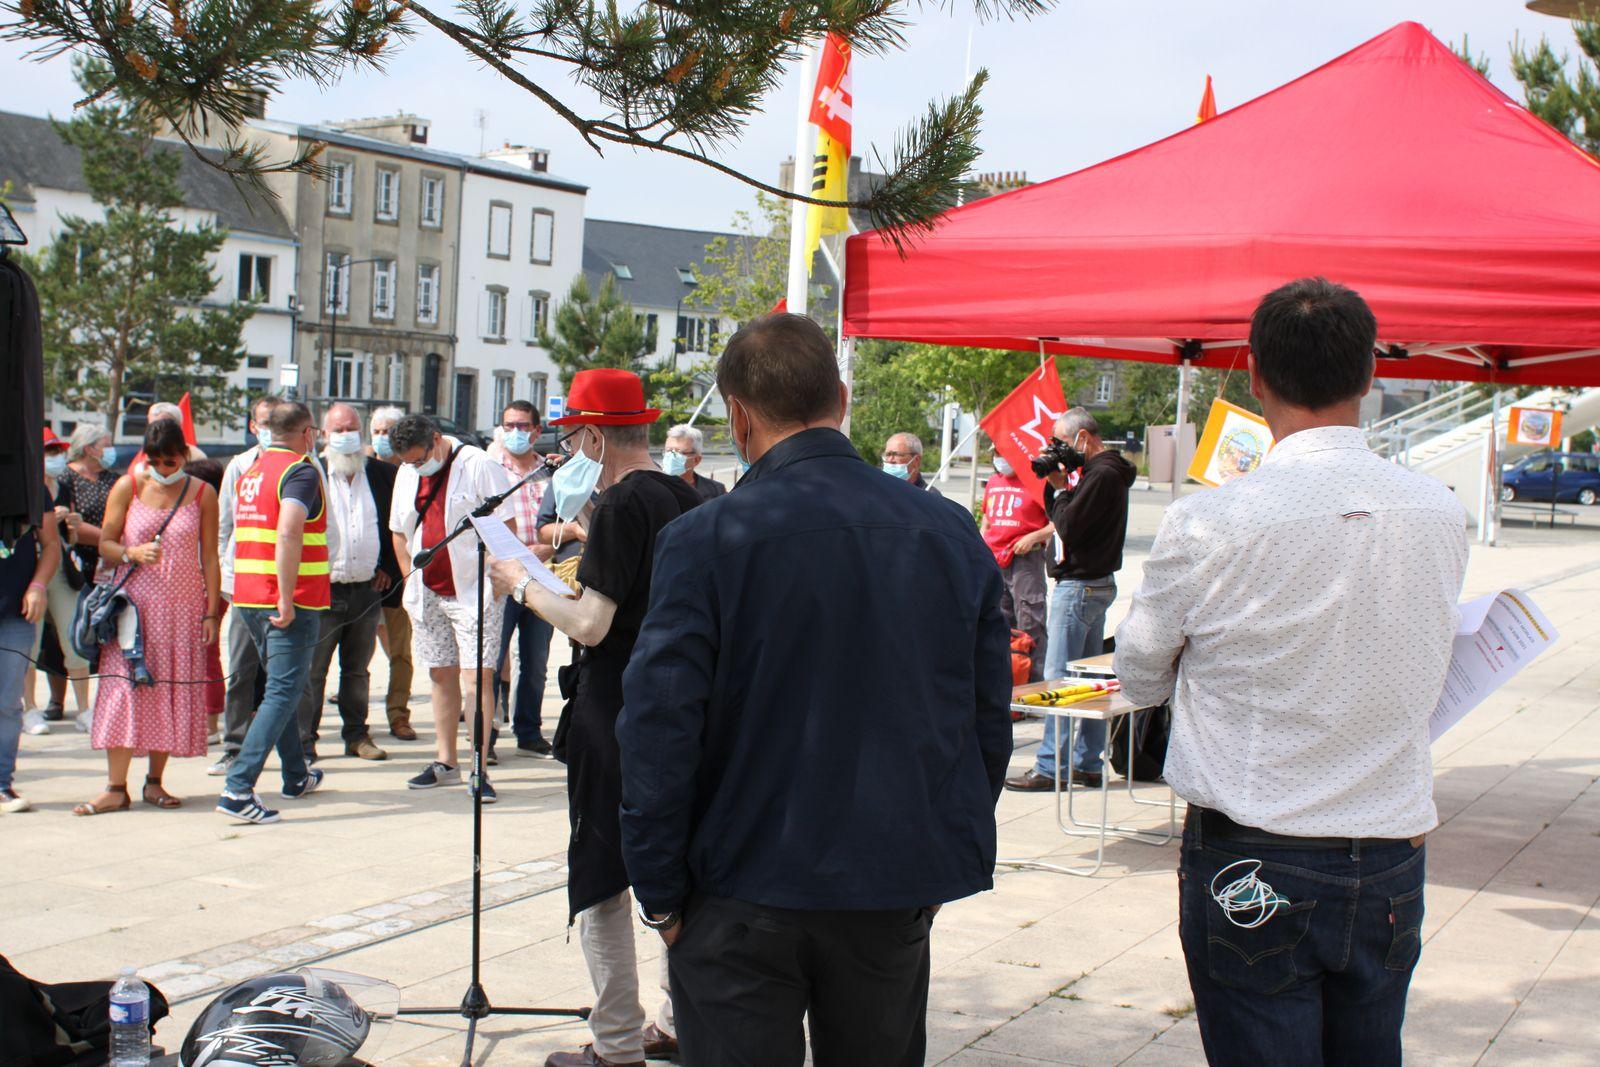 16 juin 2021 - Gare de Morlaix, manifestation pour la ligne Morlaix-Roscoff et la défense des lignes ferroviaires de proximité (photos Jean-Luc Le Calvez)